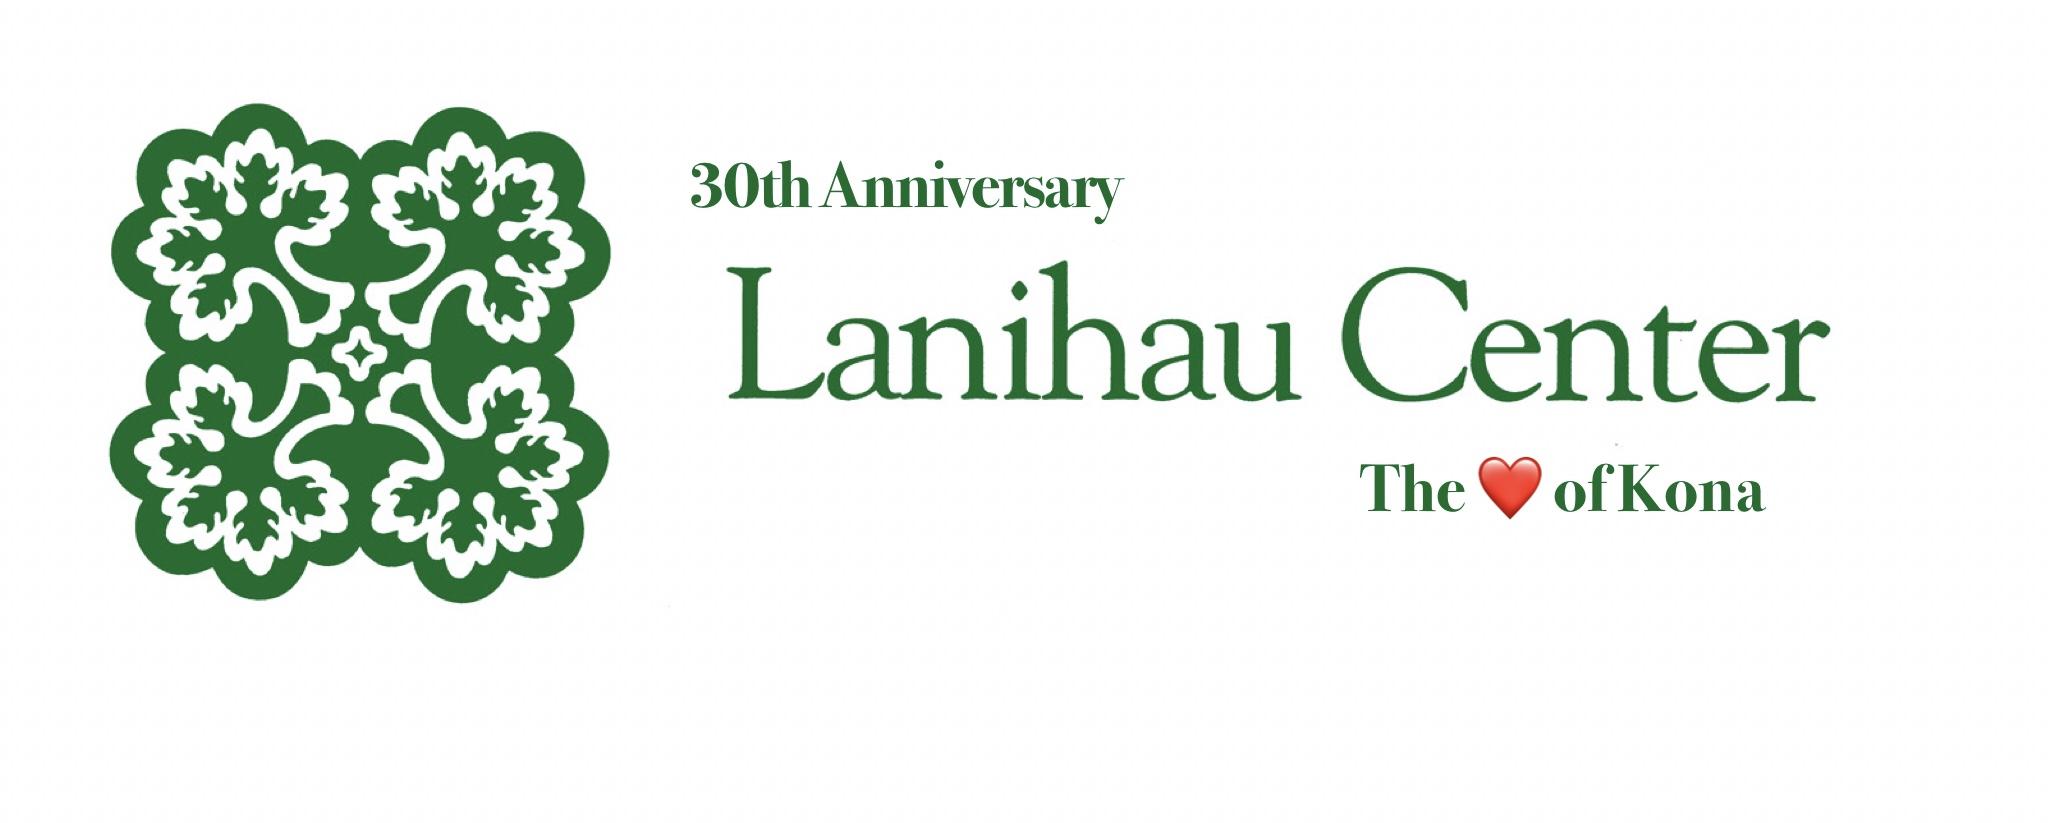 Lanihau Center